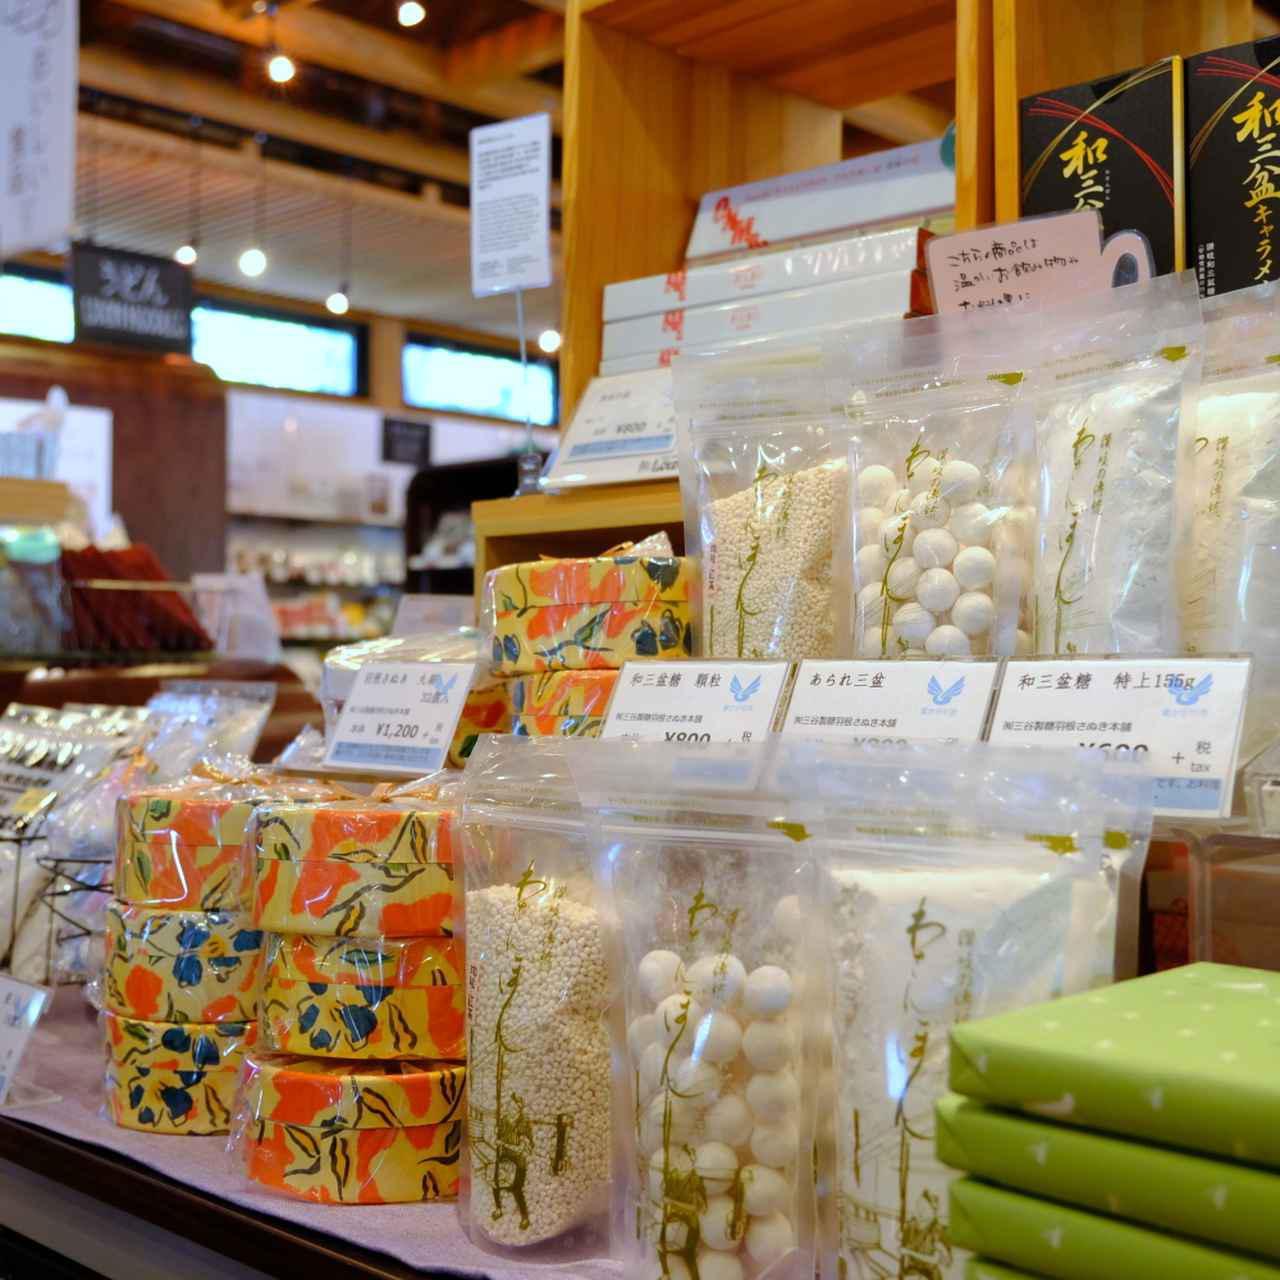 画像: 香川の名産品が揃います。こちらは和三盆。小さなおみやげで、かつ日持ちするので、人気のおみやげです。